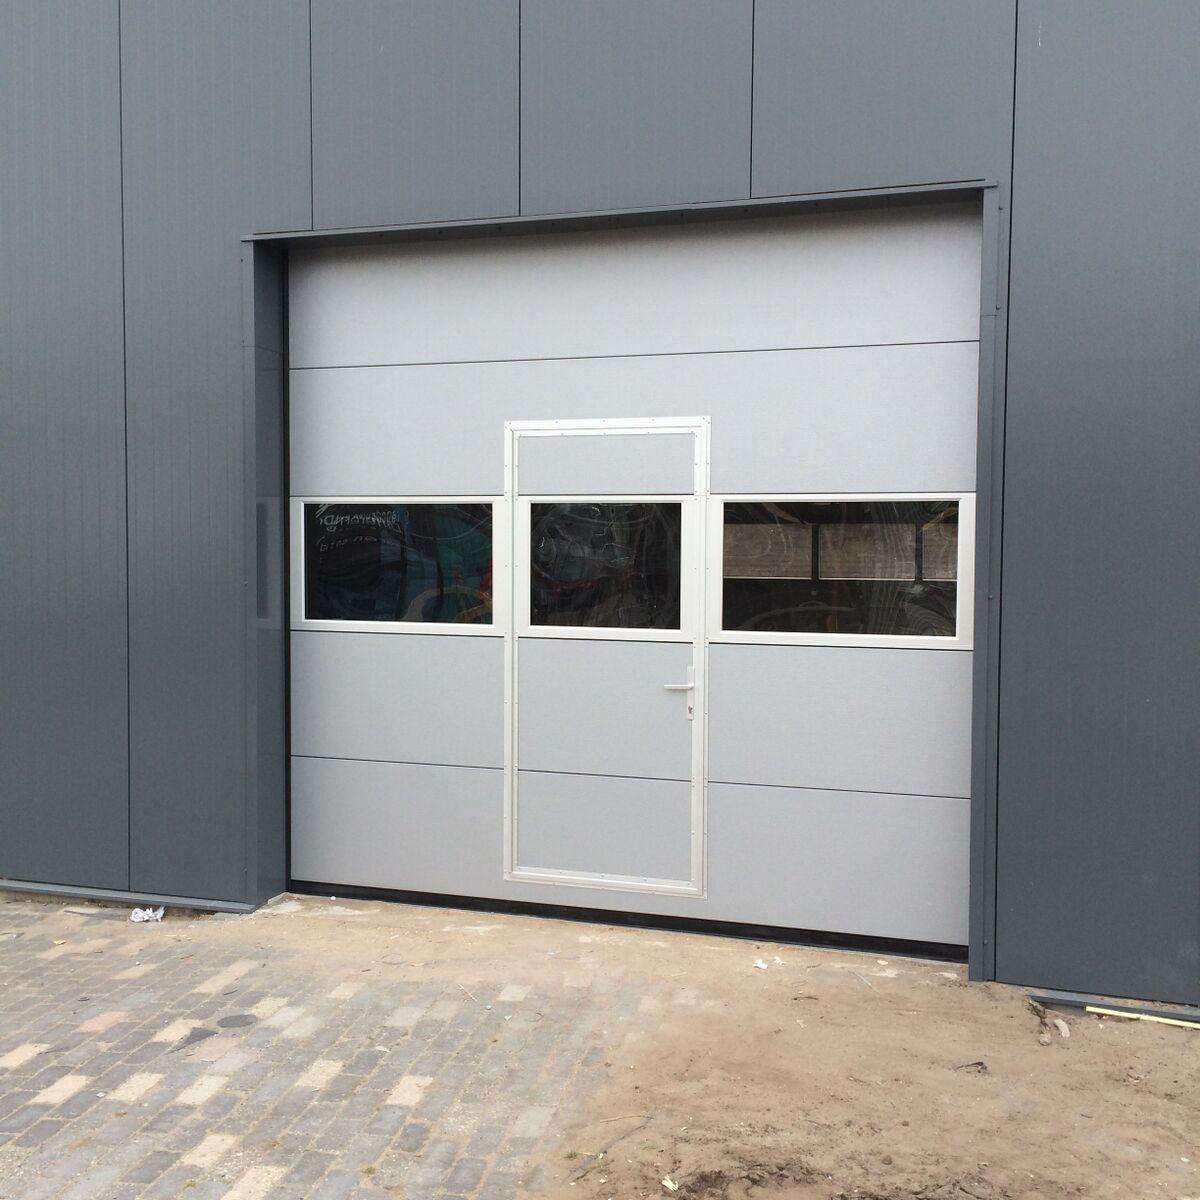 Elektrische Garagedeur Met Loopdeur En Glas Different Doors